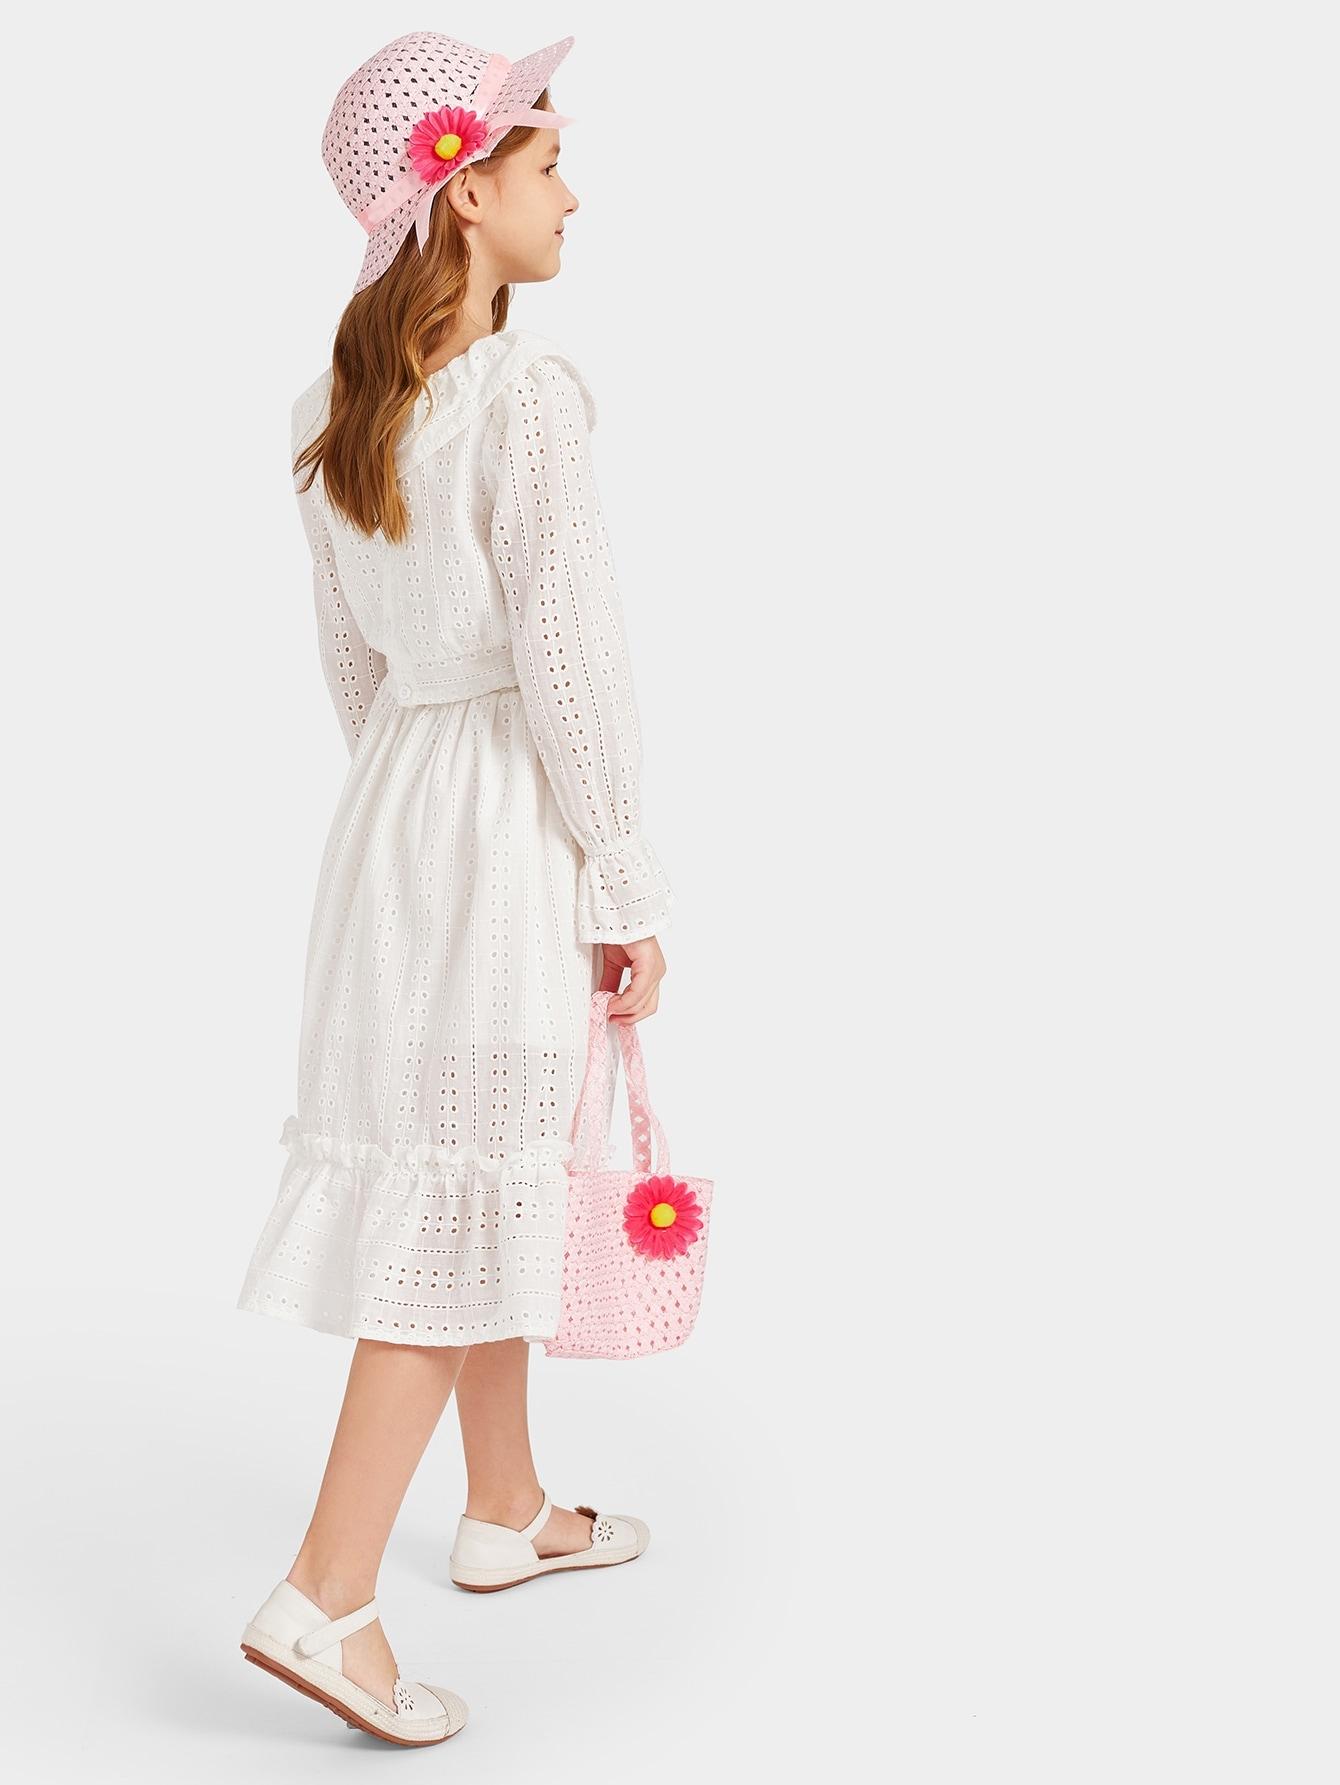 Купить Оплетённая шляпа с цветом и соломенная сумка 2 шт для девочек, null, SheIn